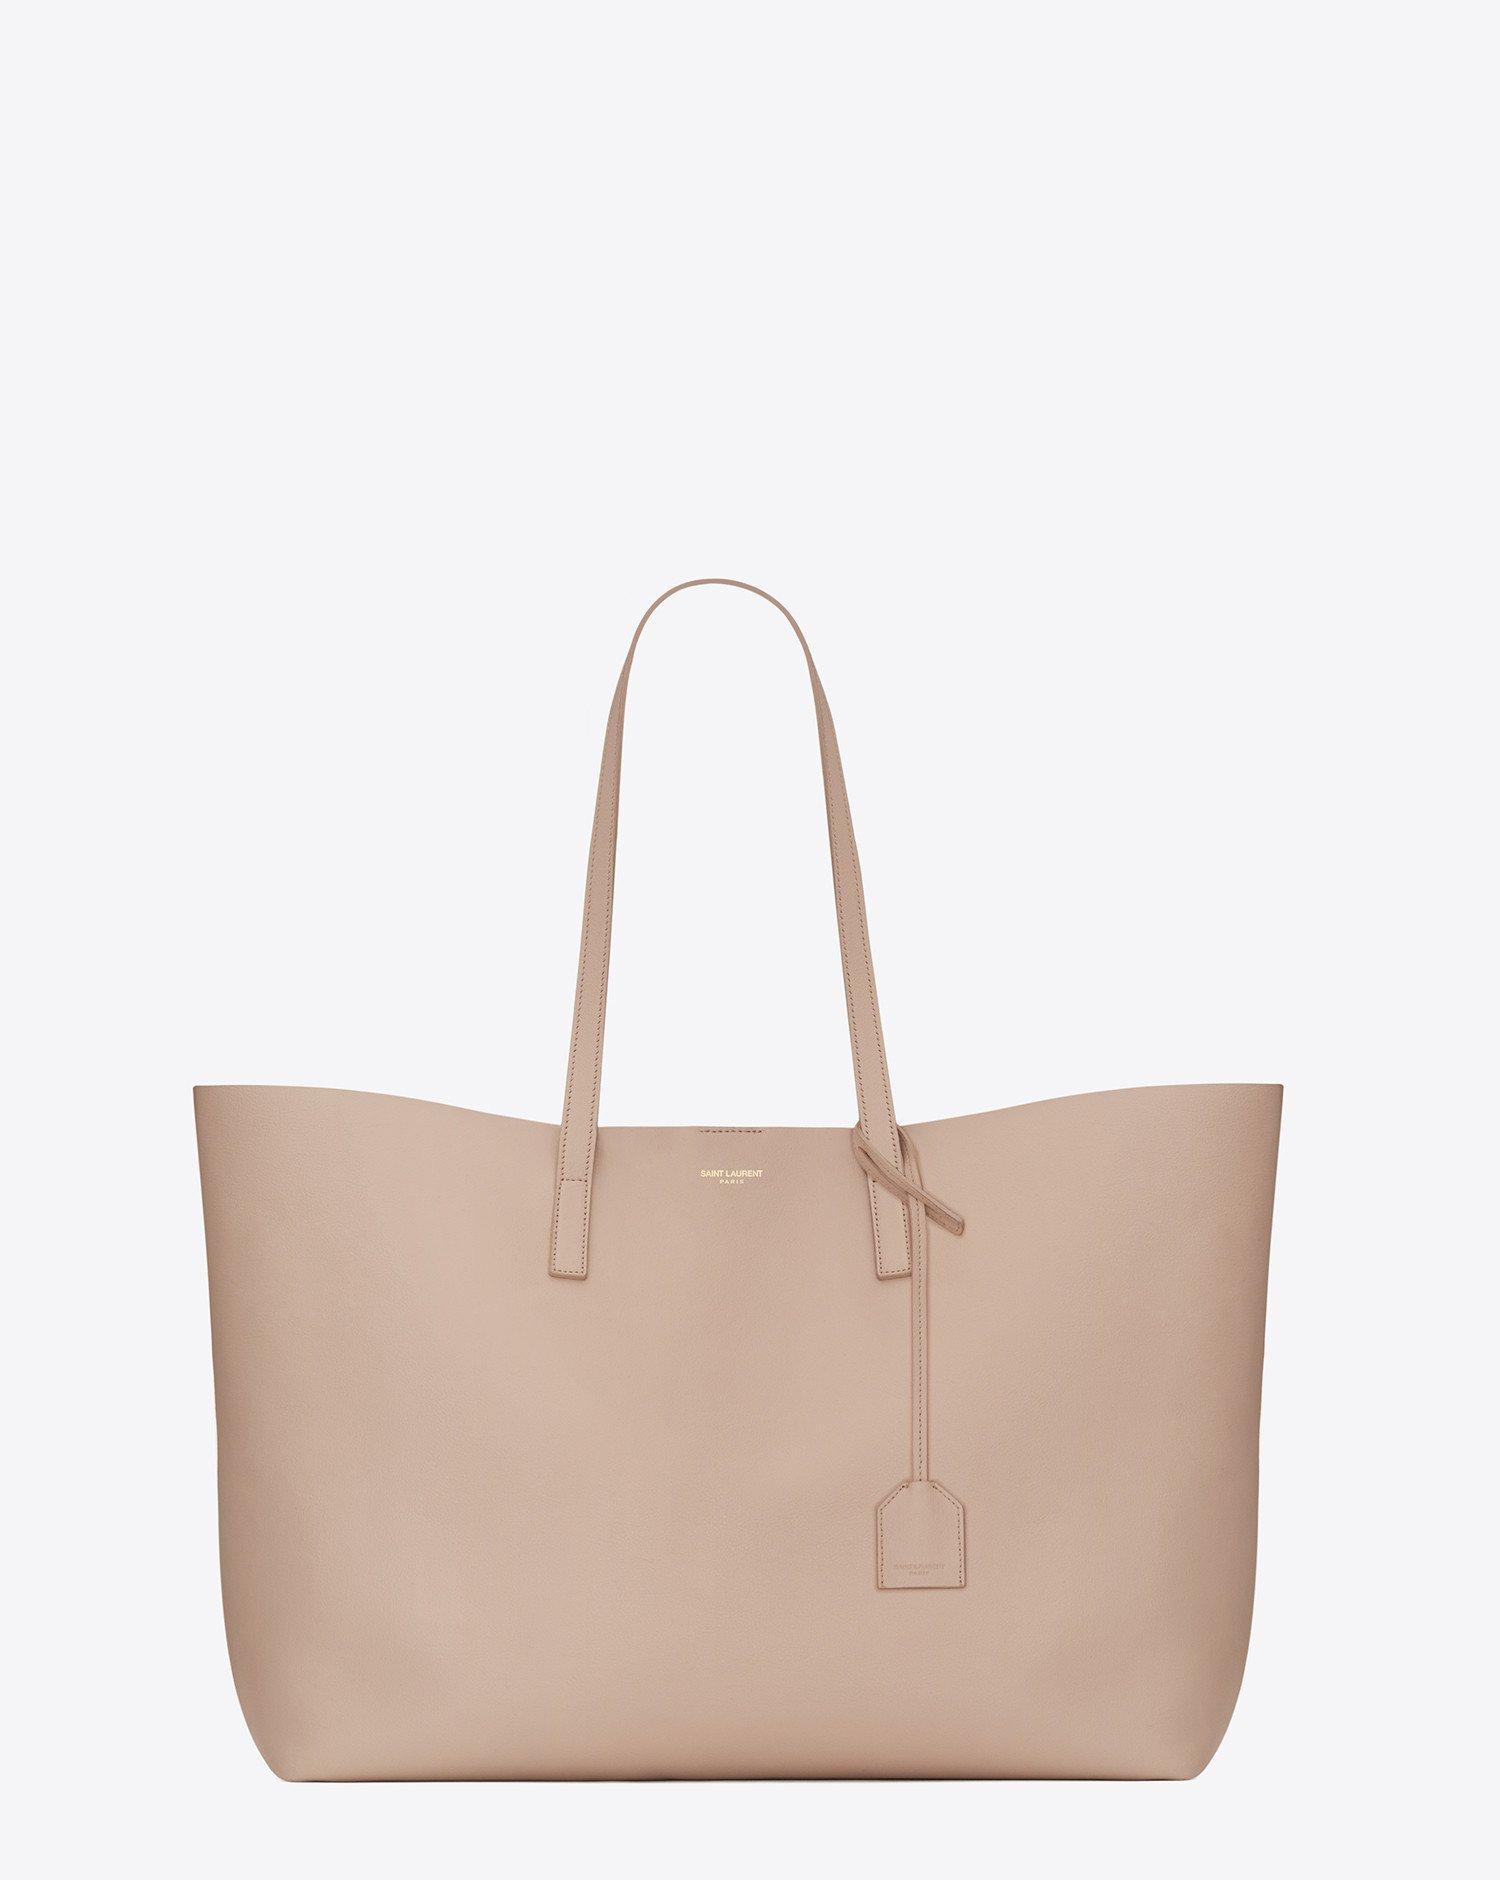 saint laurent large shopping tote bag in pale blush. Black Bedroom Furniture Sets. Home Design Ideas